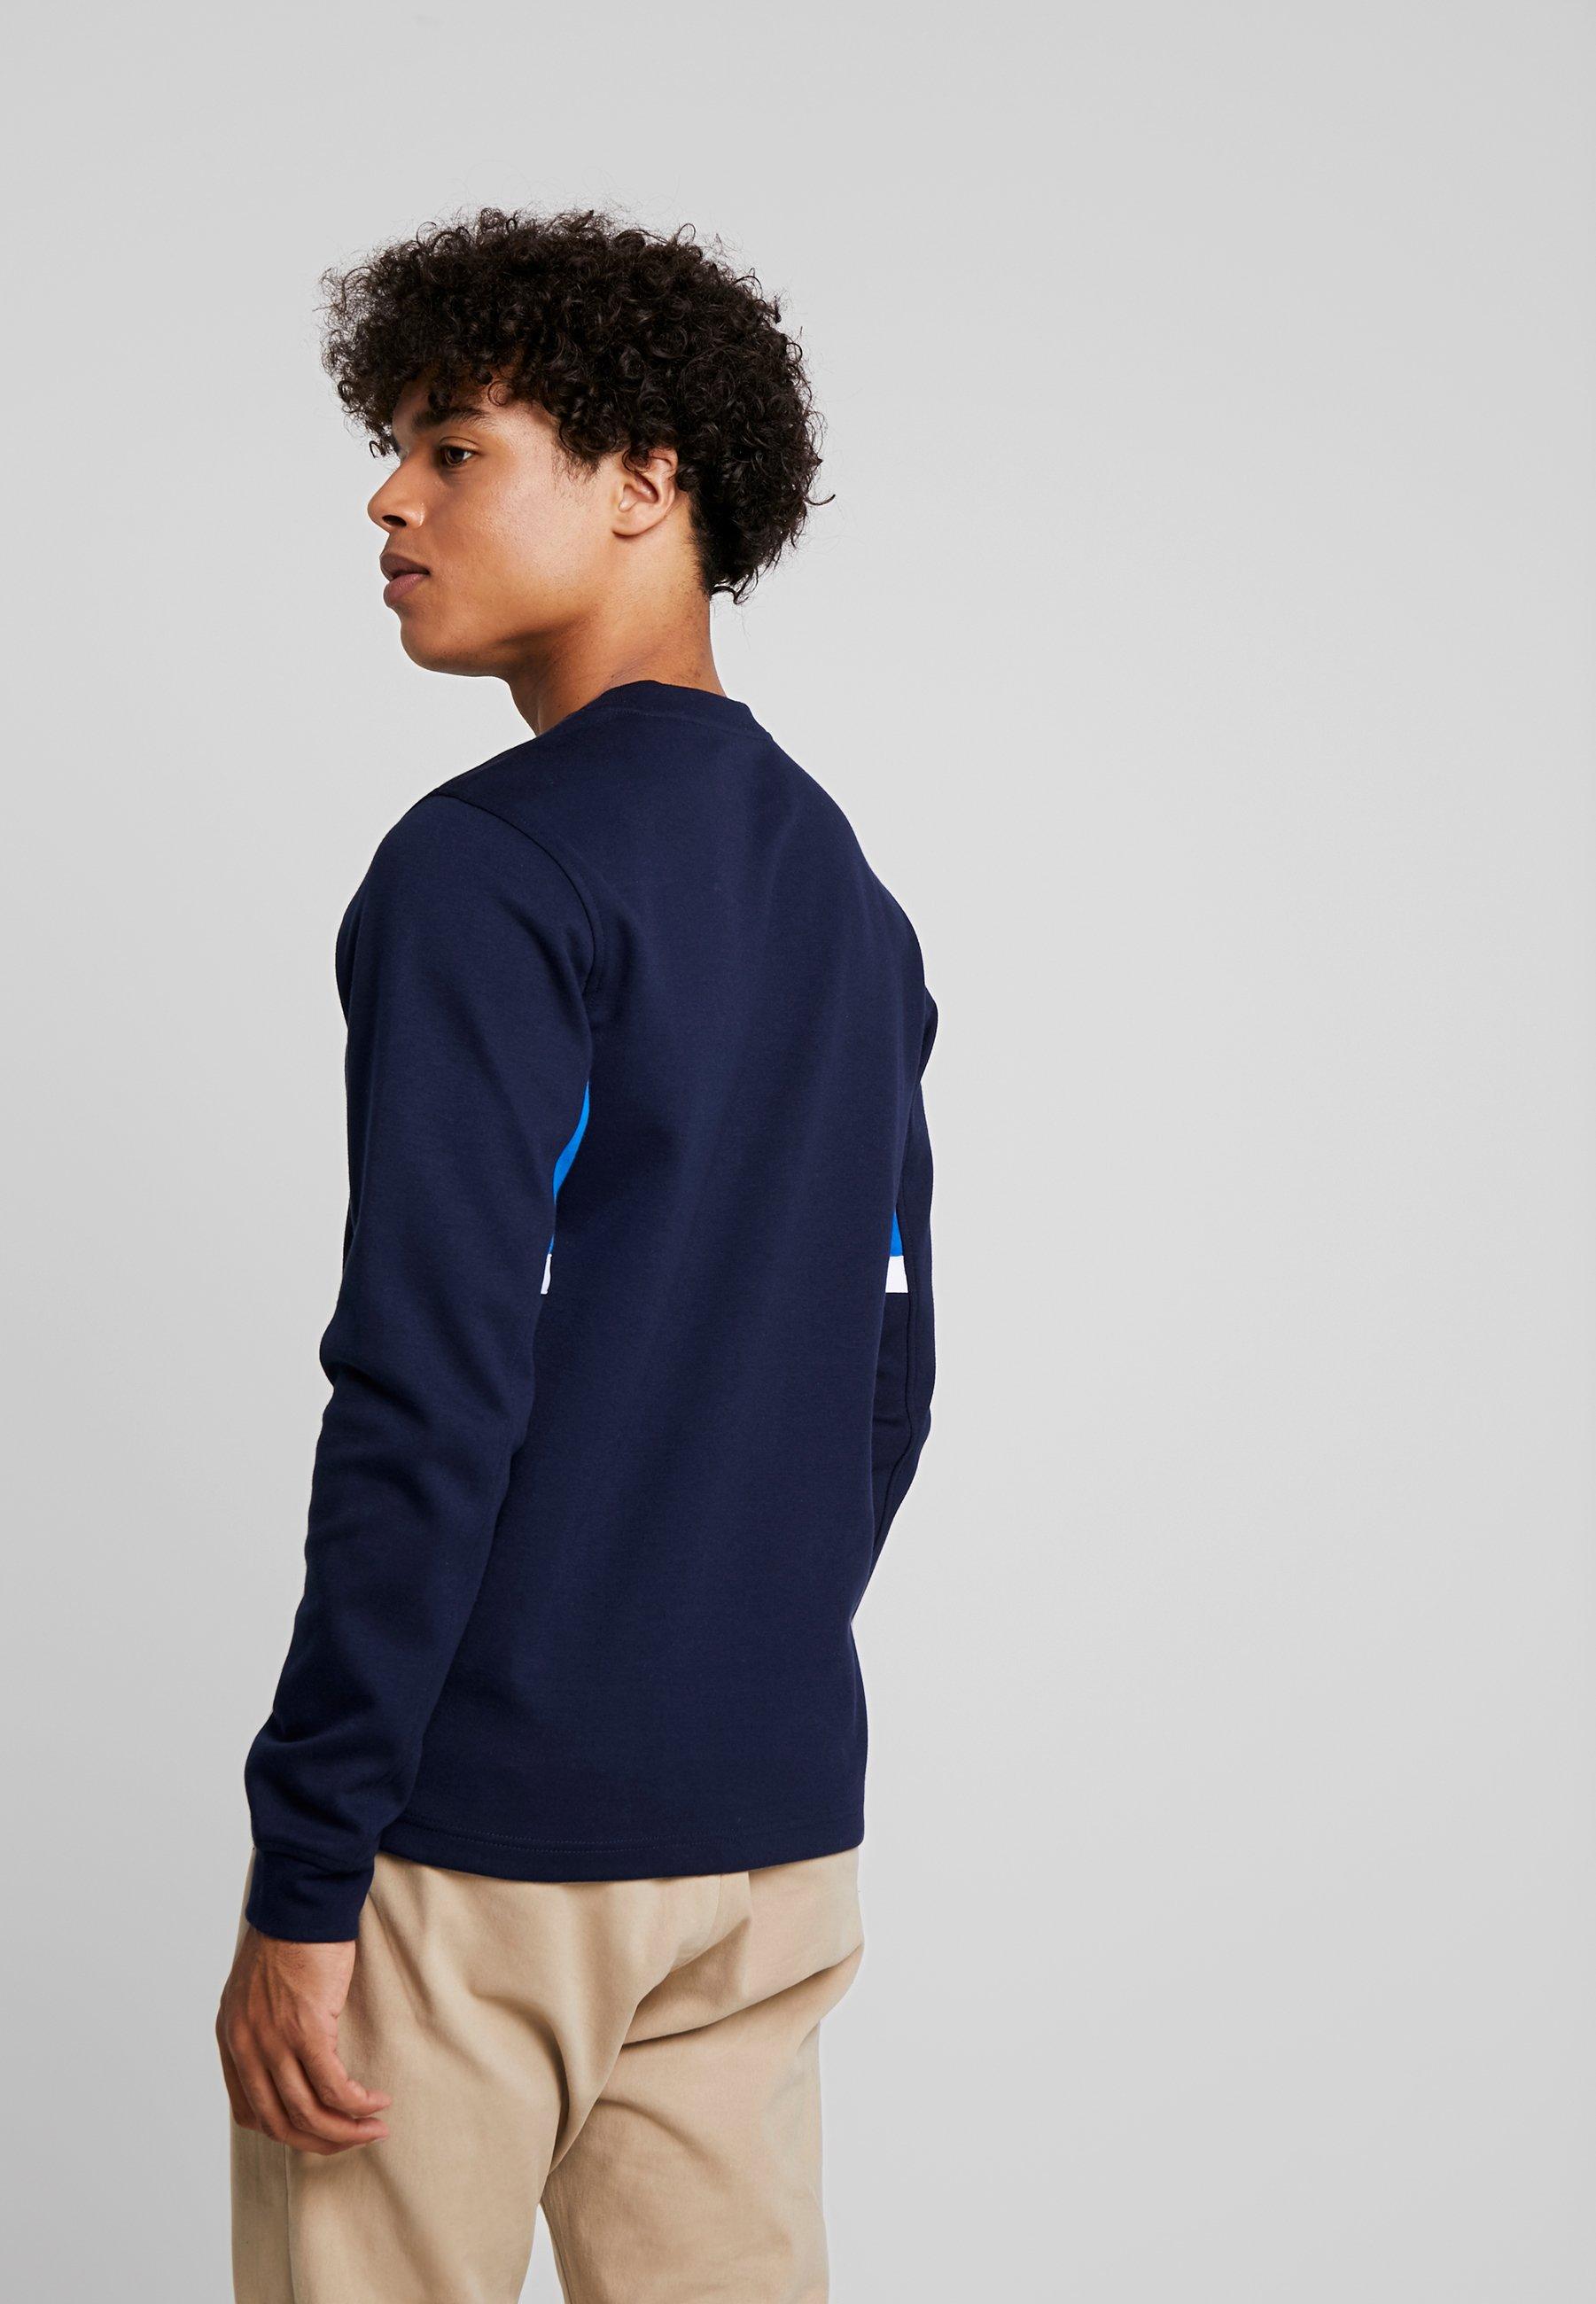 À Crew Maritime shirt Longues Jones Jcoleon Jackamp; Manches Blue NeckT nwyOvmN80